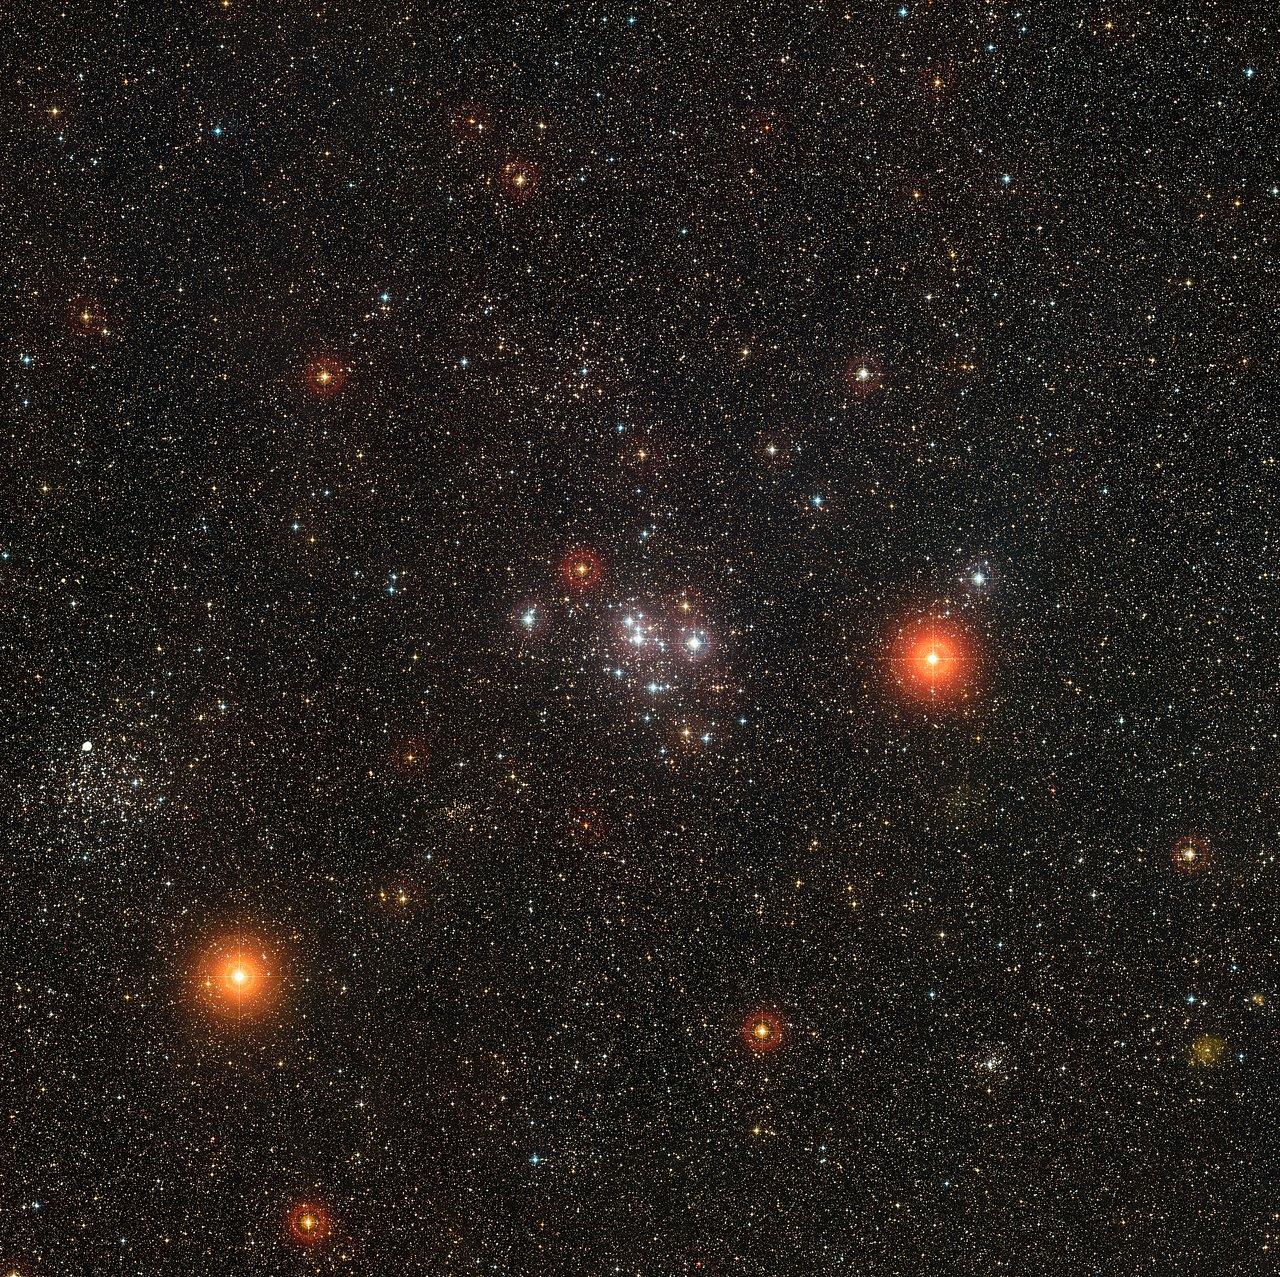 как выглядит звезда вблизи фото букв звуков